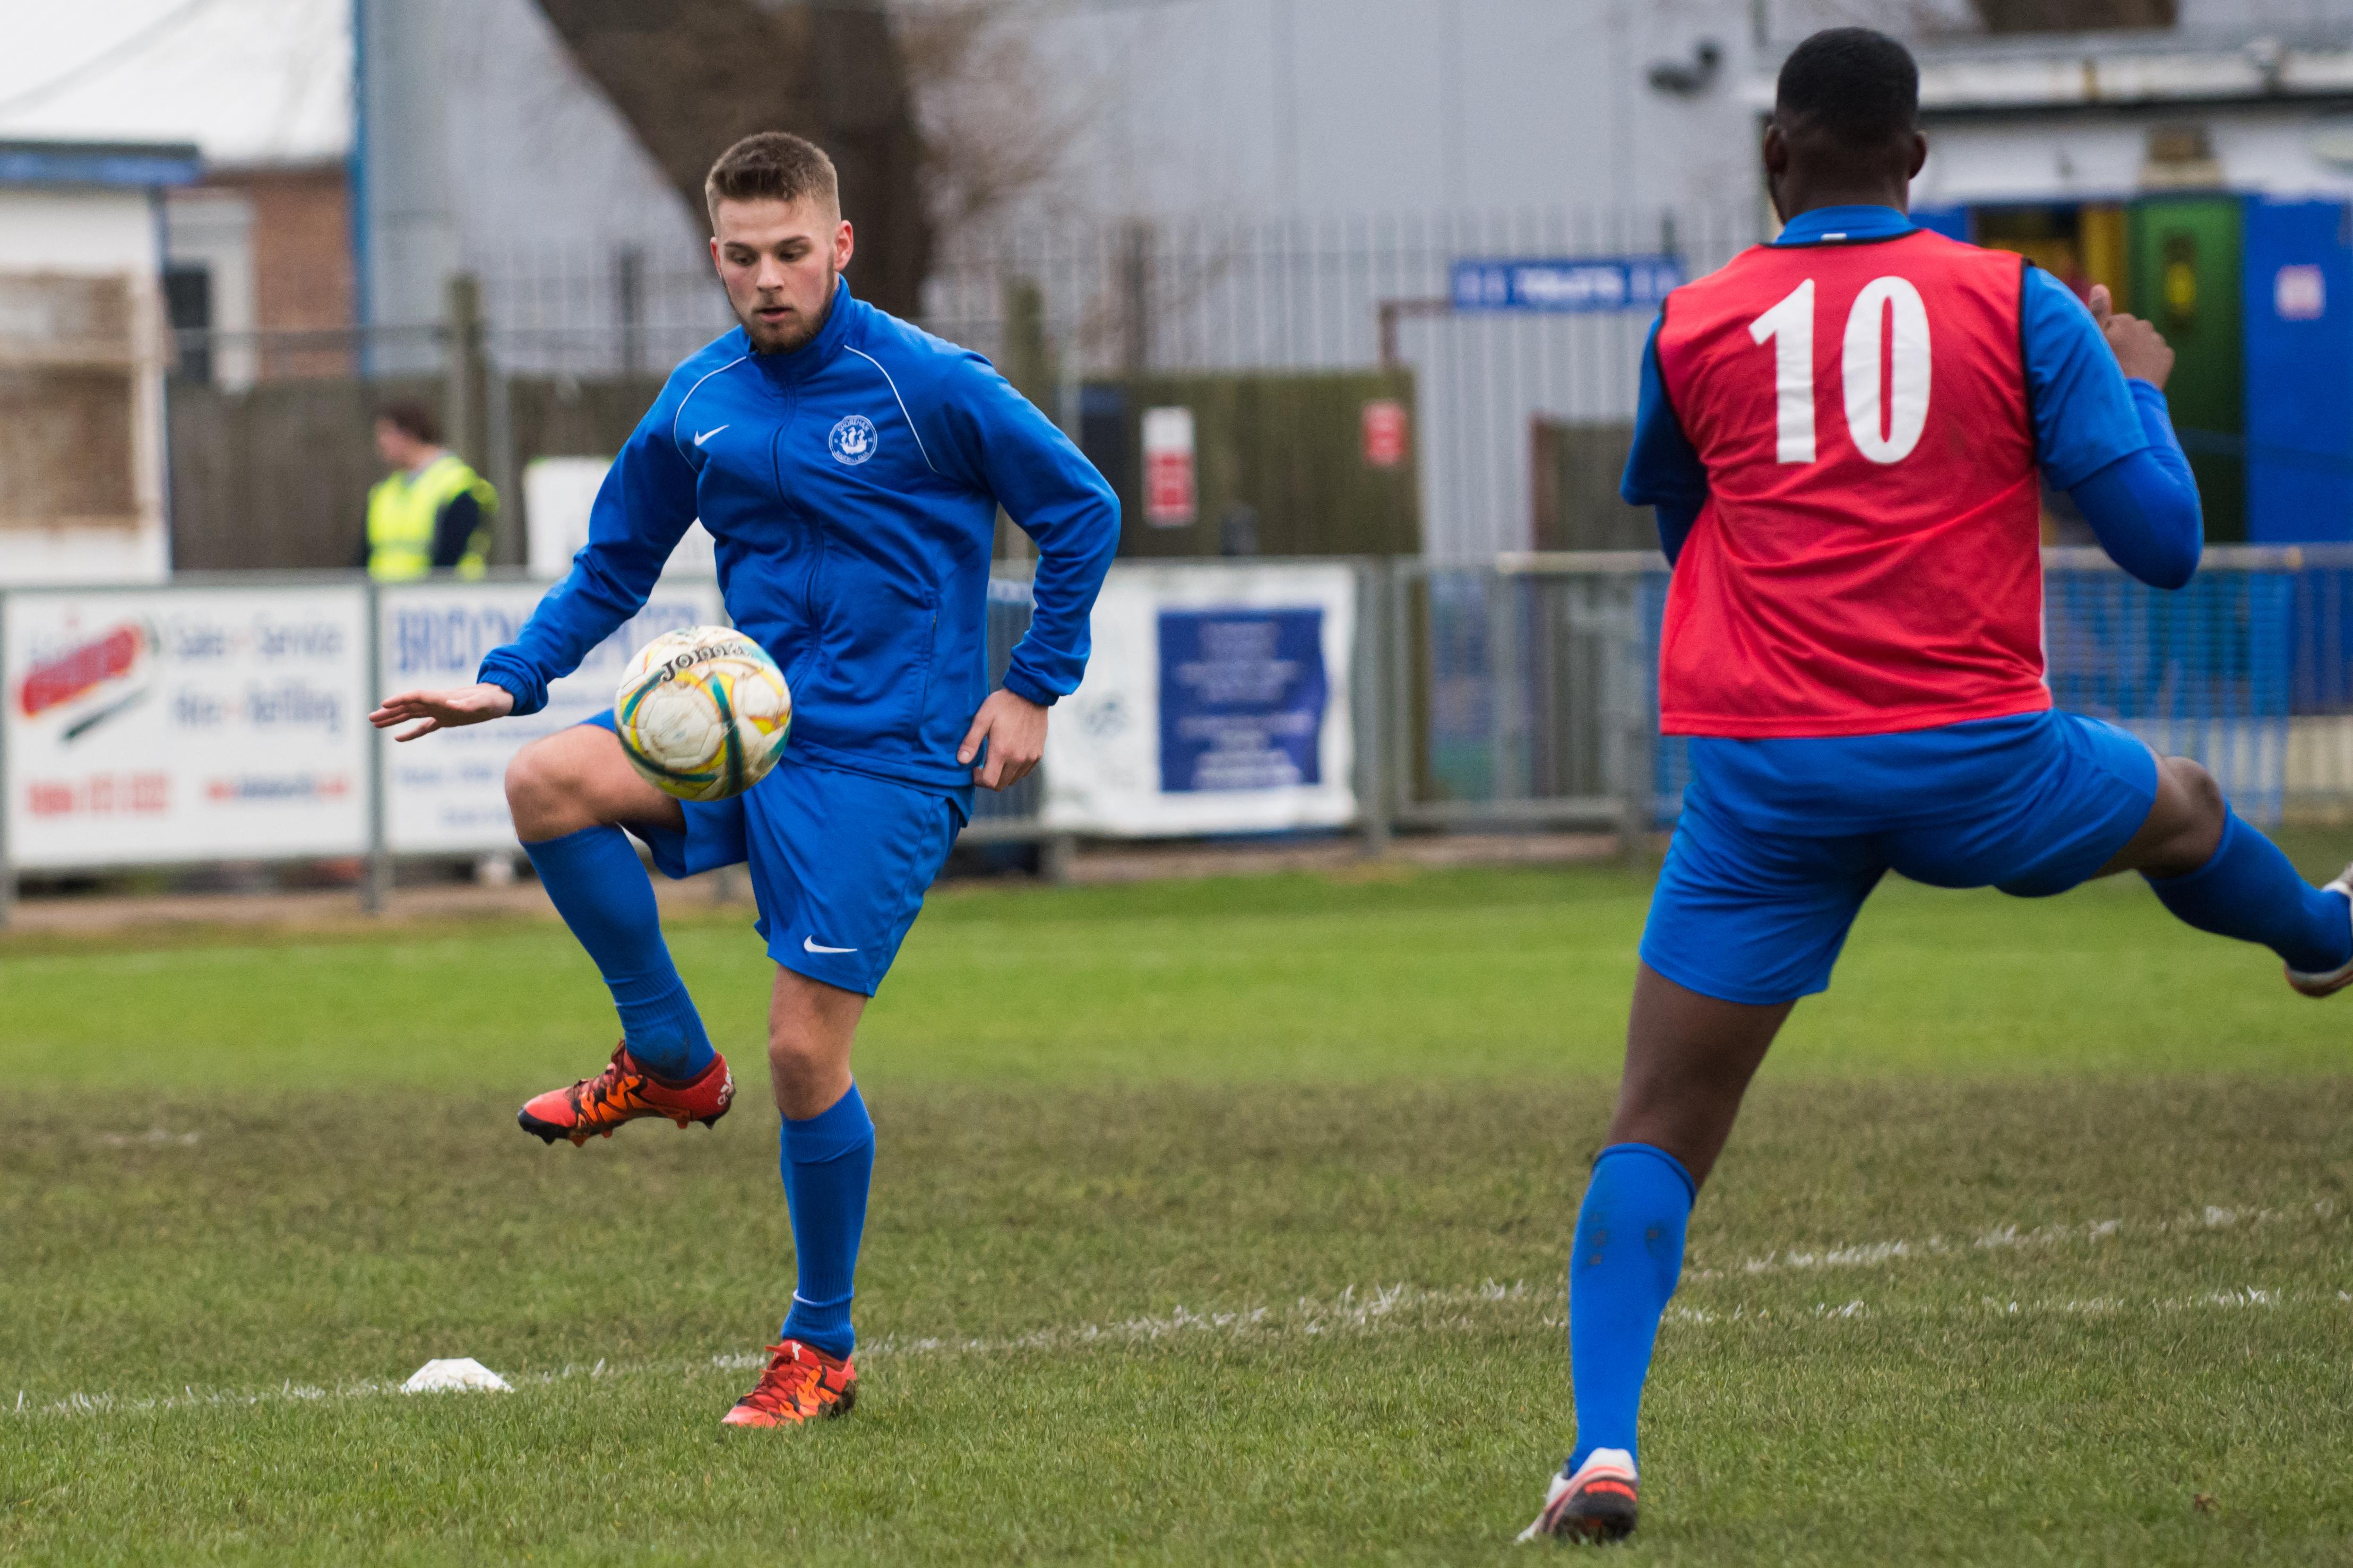 Shoreham FC vs Carshalton Ath 23.12.17 31